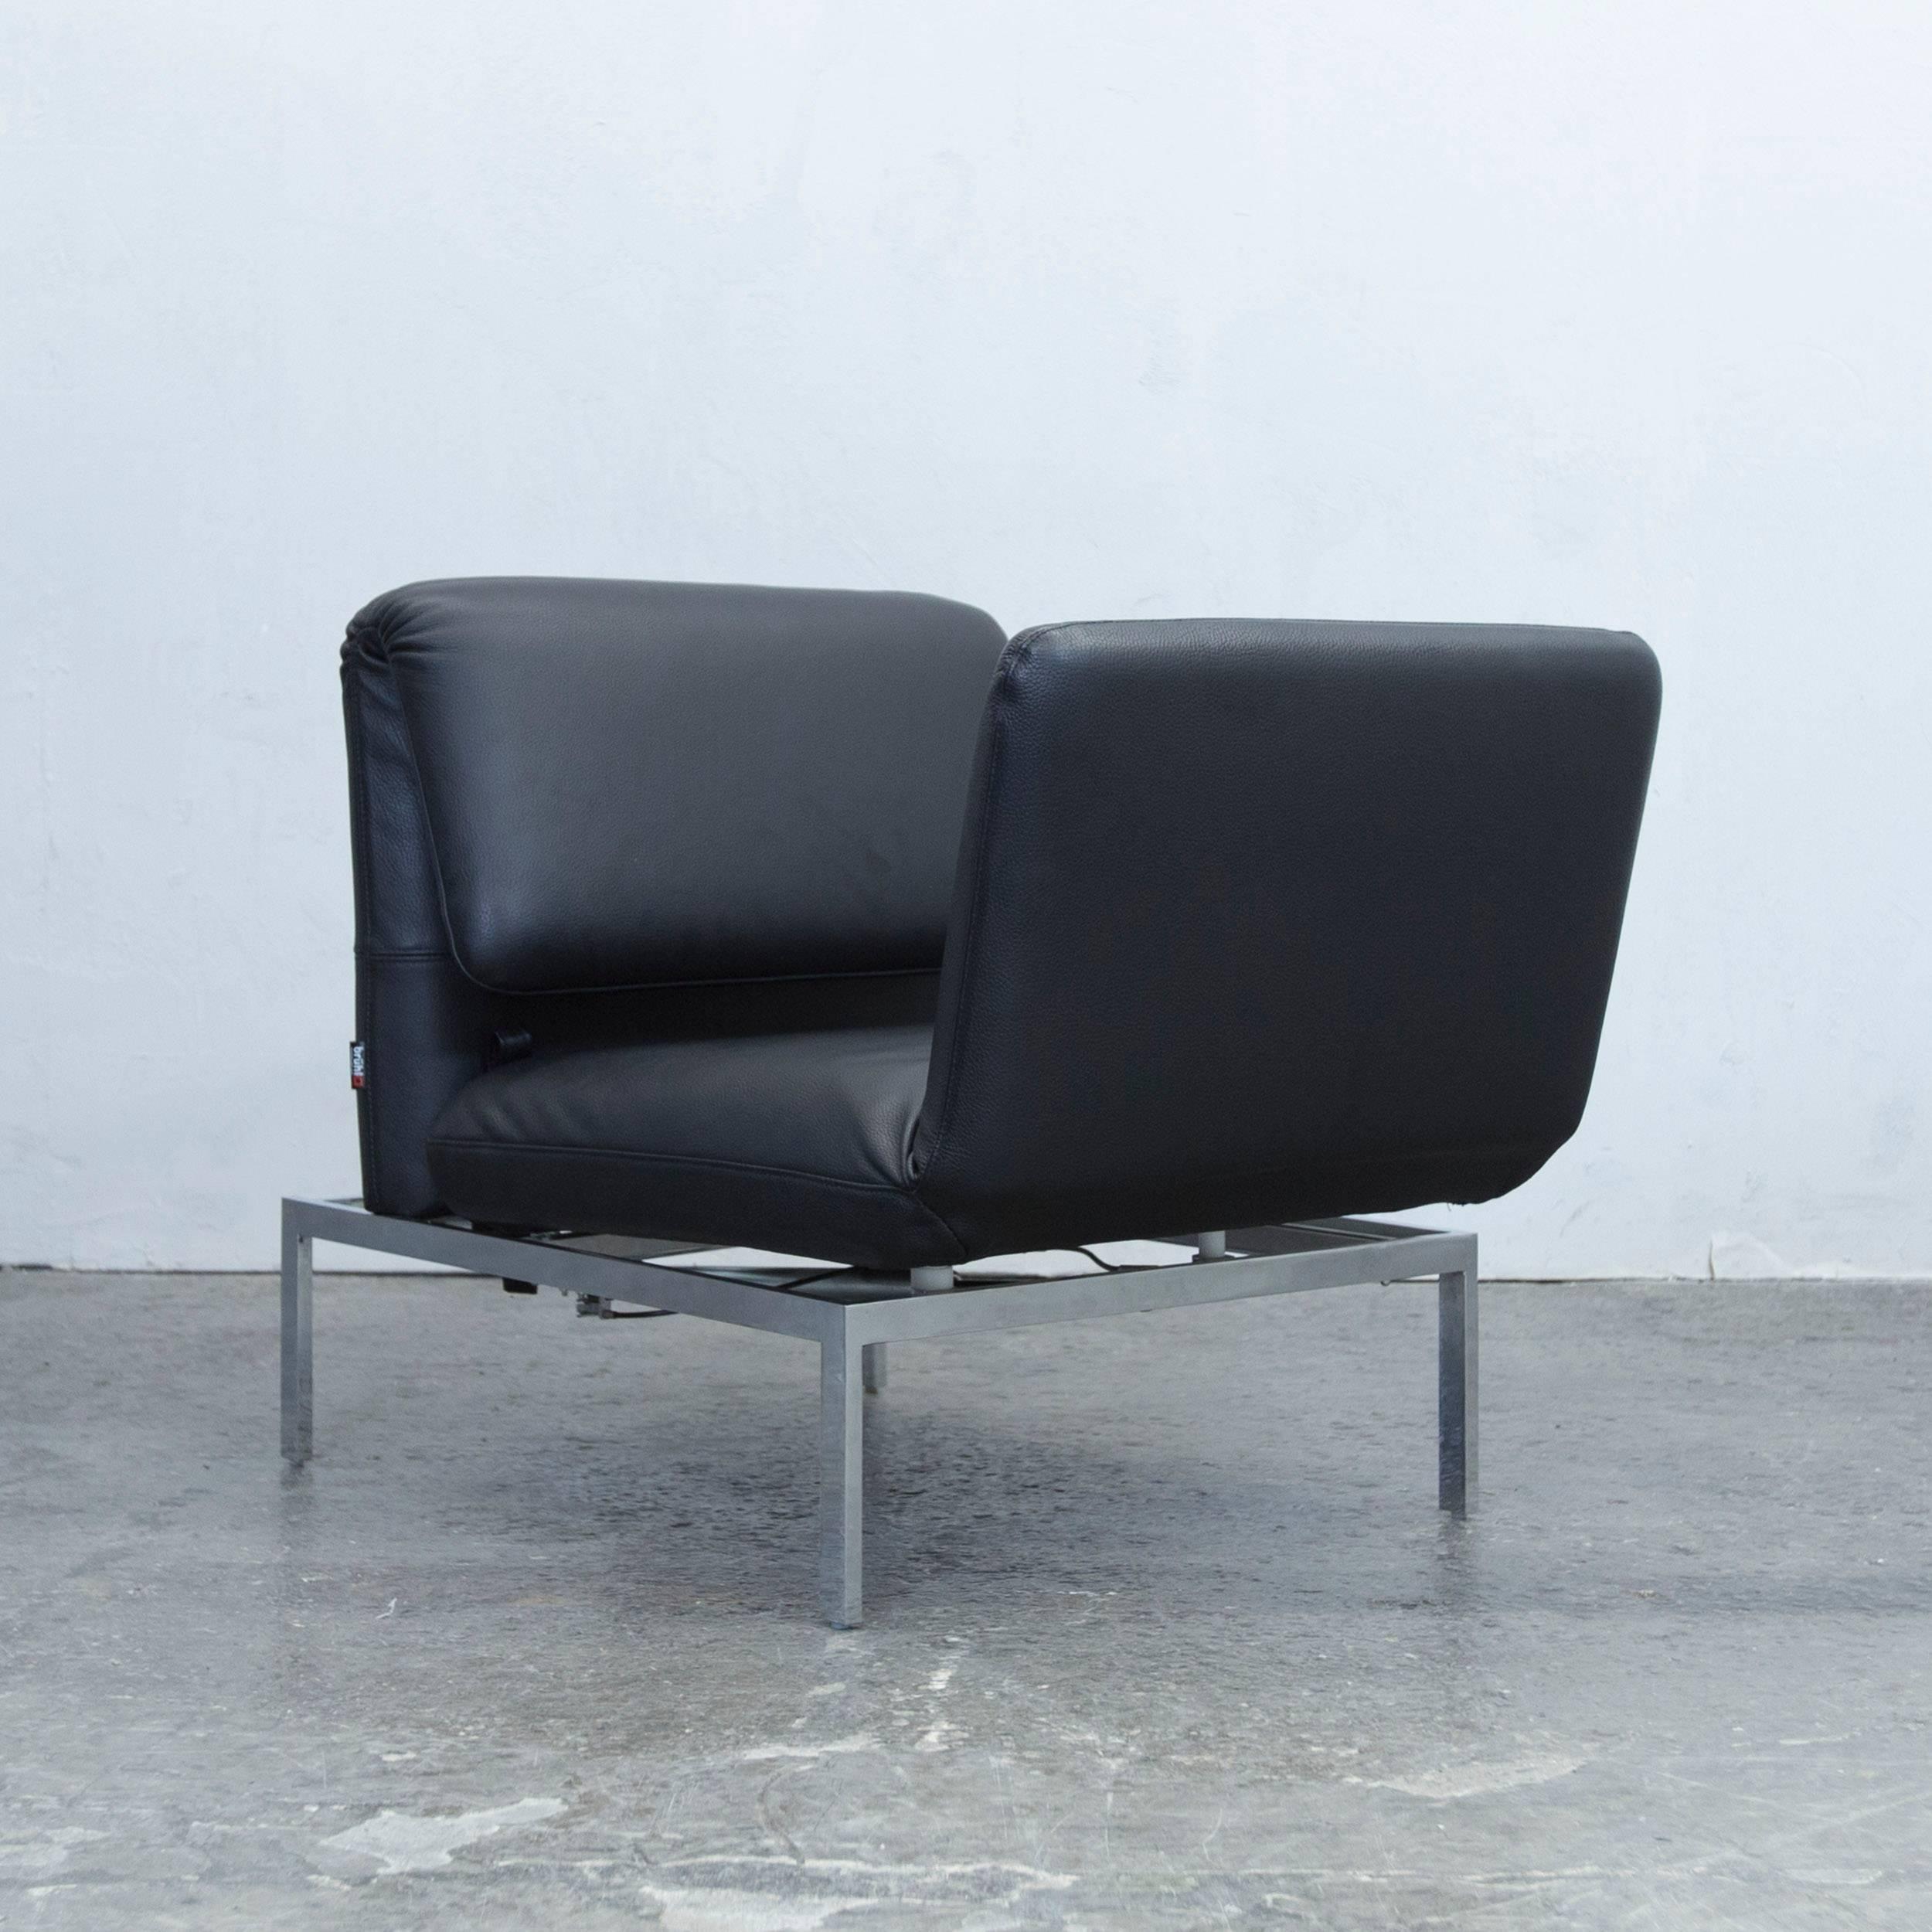 recamiere modern ikea sofa mit beste er sofa mit recamiere ikea schlafsofa m recamiere rot. Black Bedroom Furniture Sets. Home Design Ideas